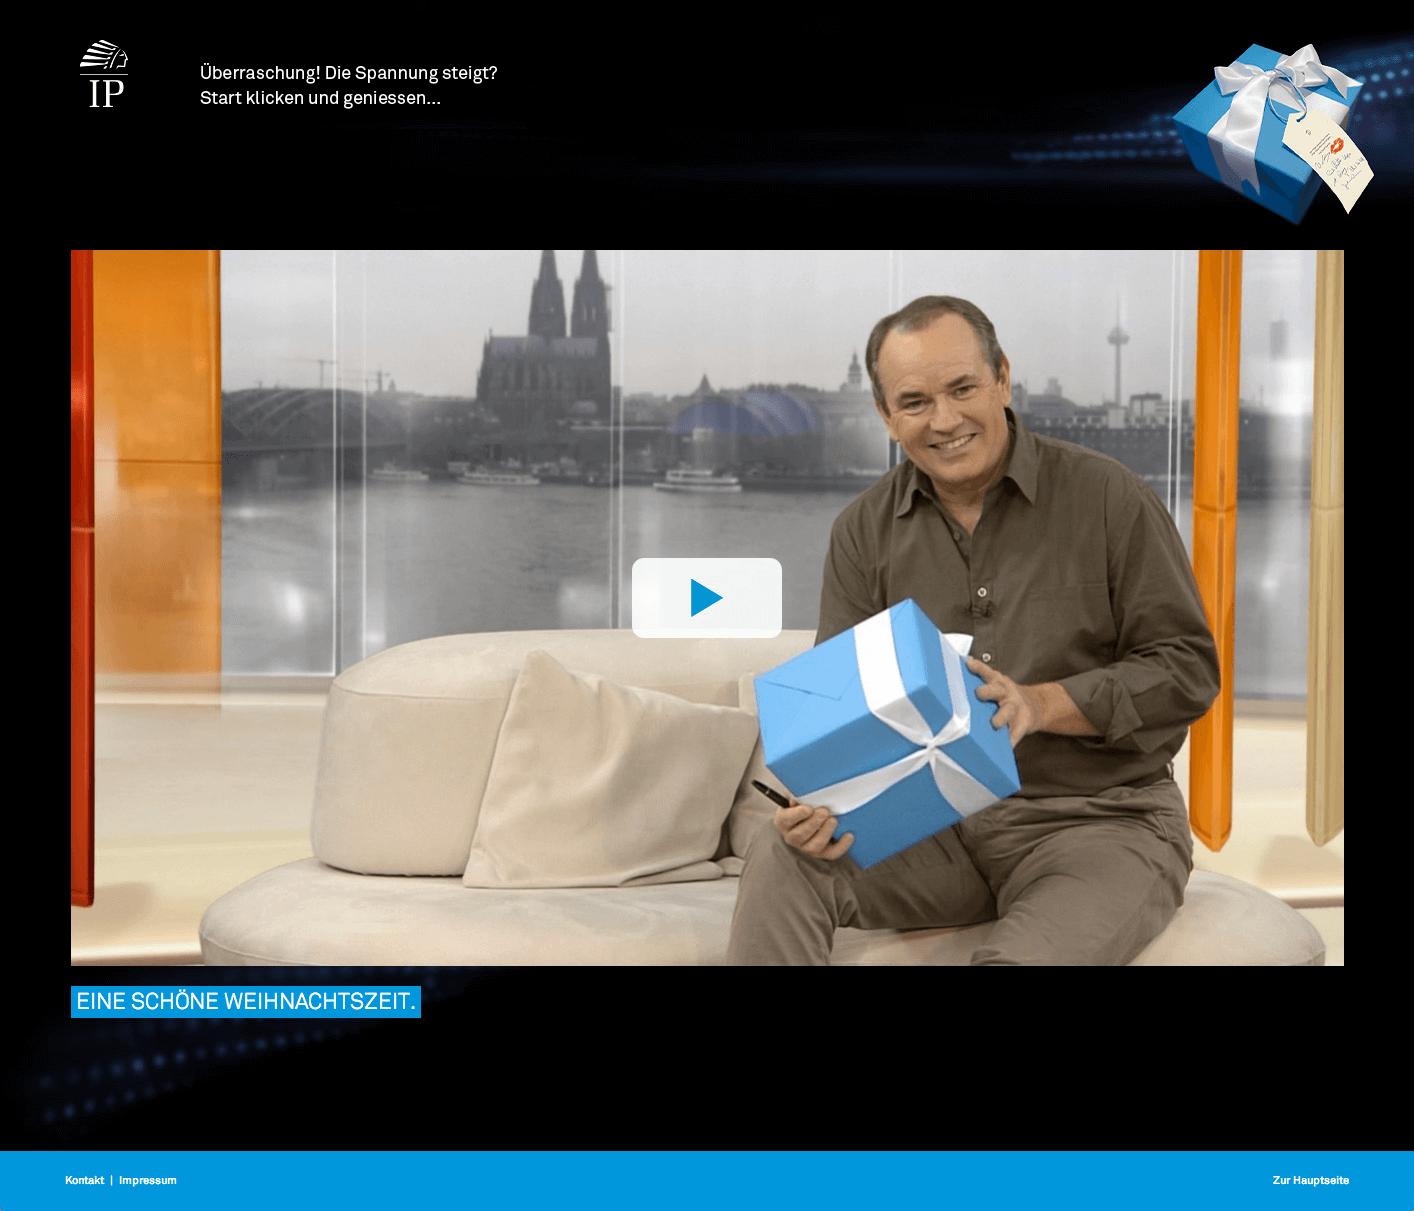 ip-deutschland-weihnachtsgruss-2013-website